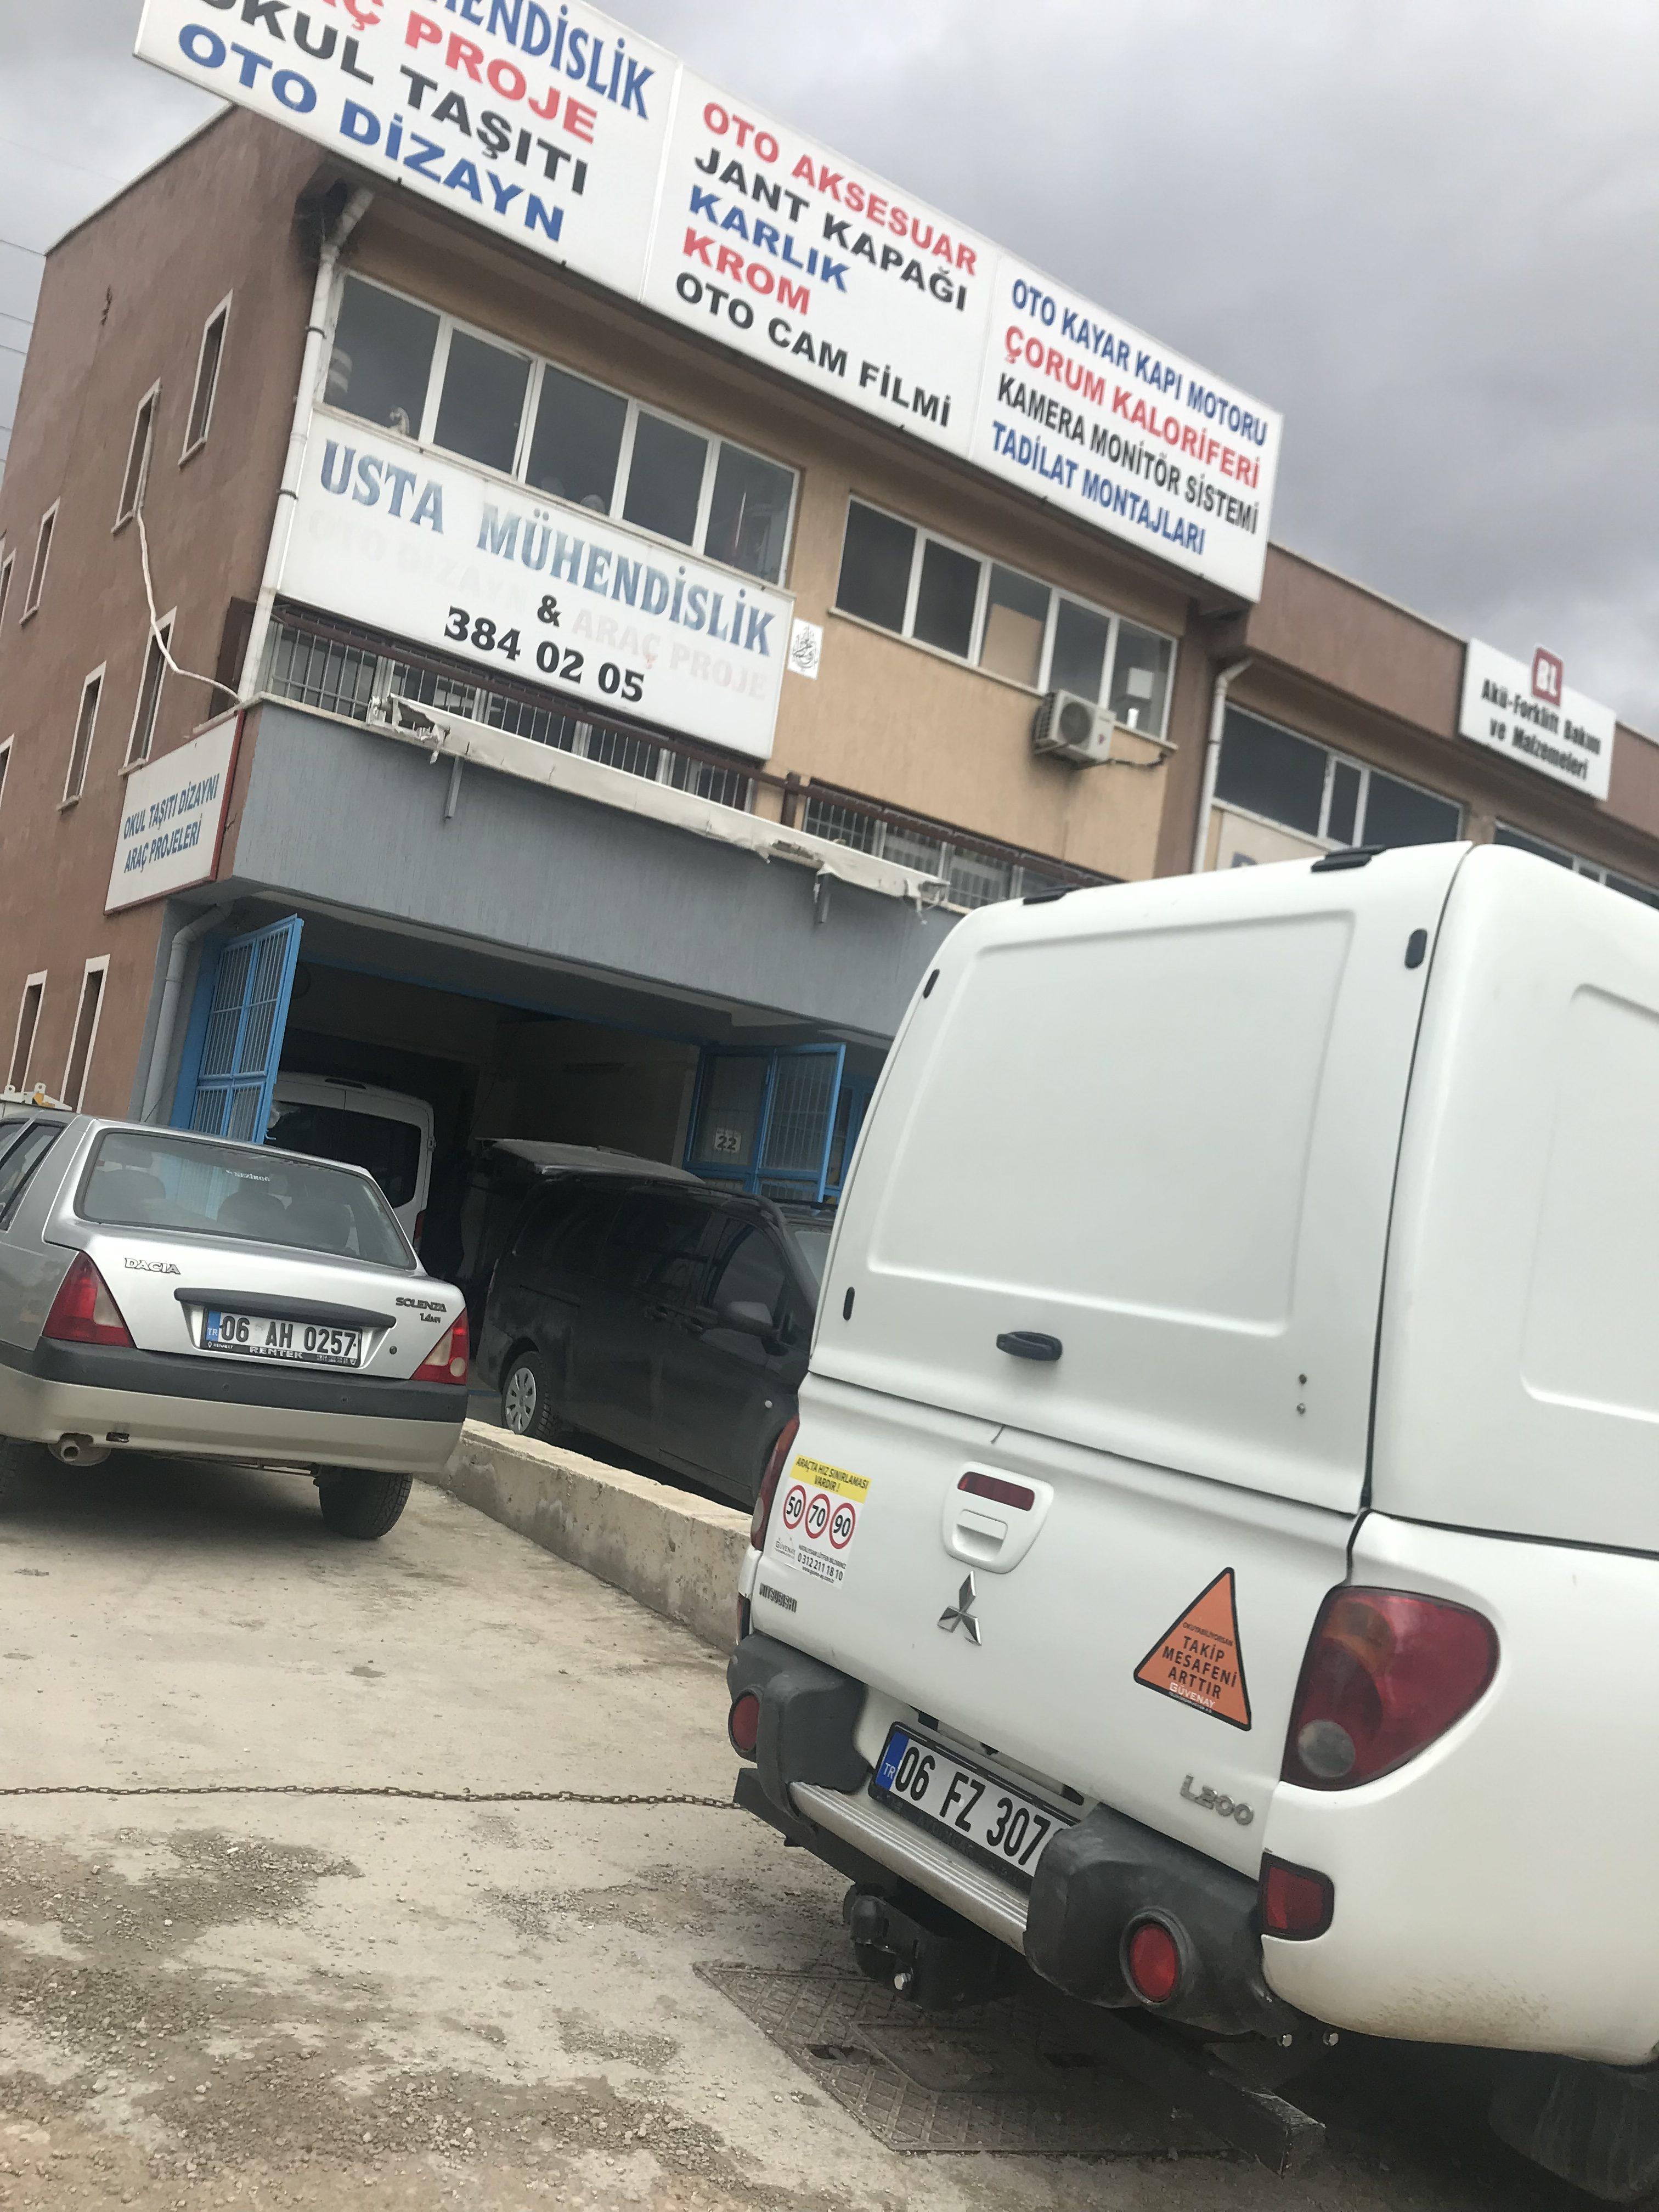 MITSUBISHI L 200>⇔ Usta Mühendislik Çeki Demiri +Araç Proje+Montaj+Ankara İLETİŞİM:05323118894